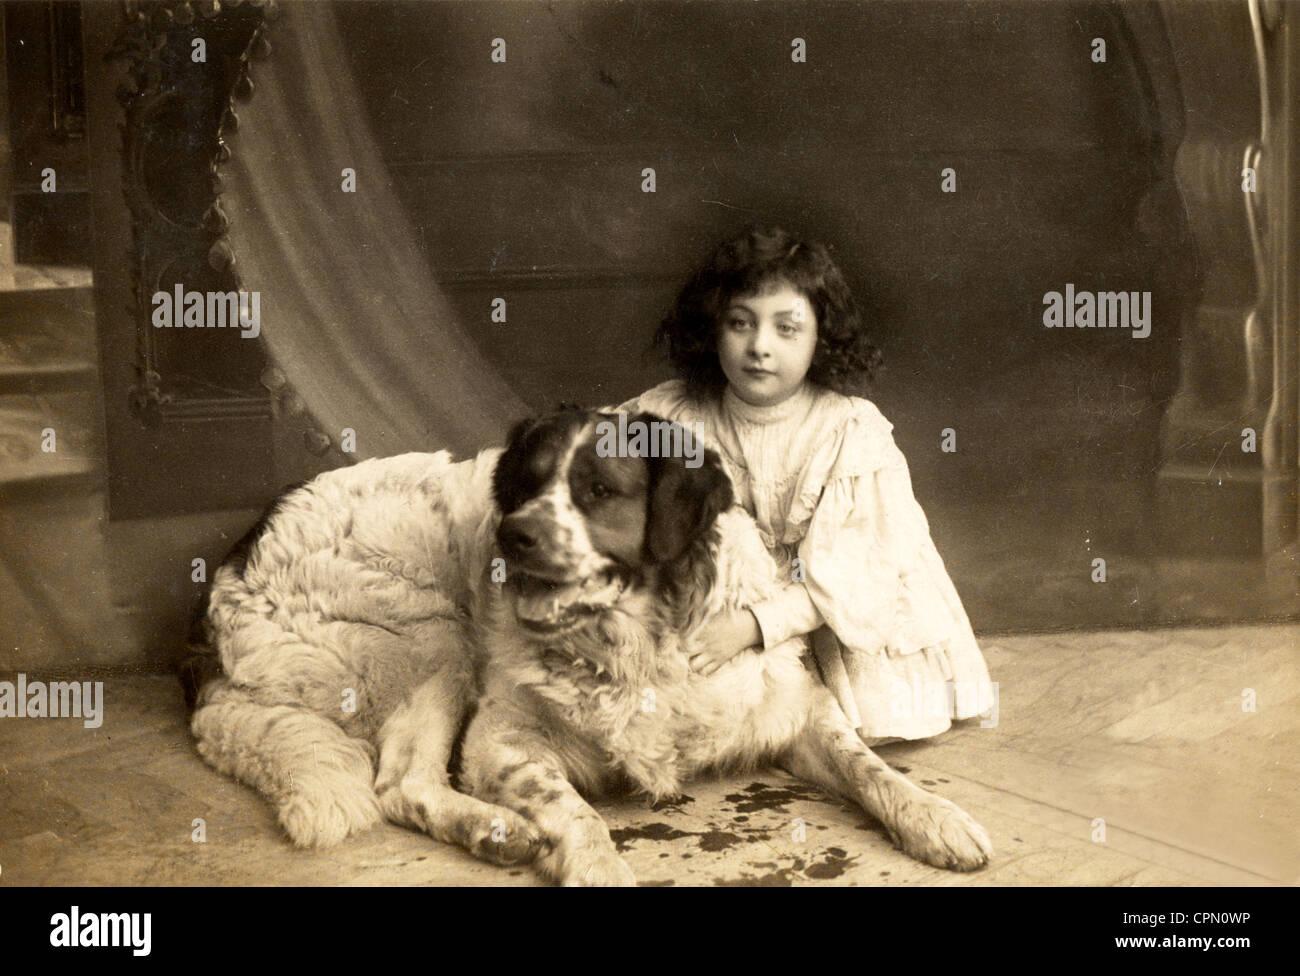 Little Girl Holding St. Bernard Dog - Stock Image